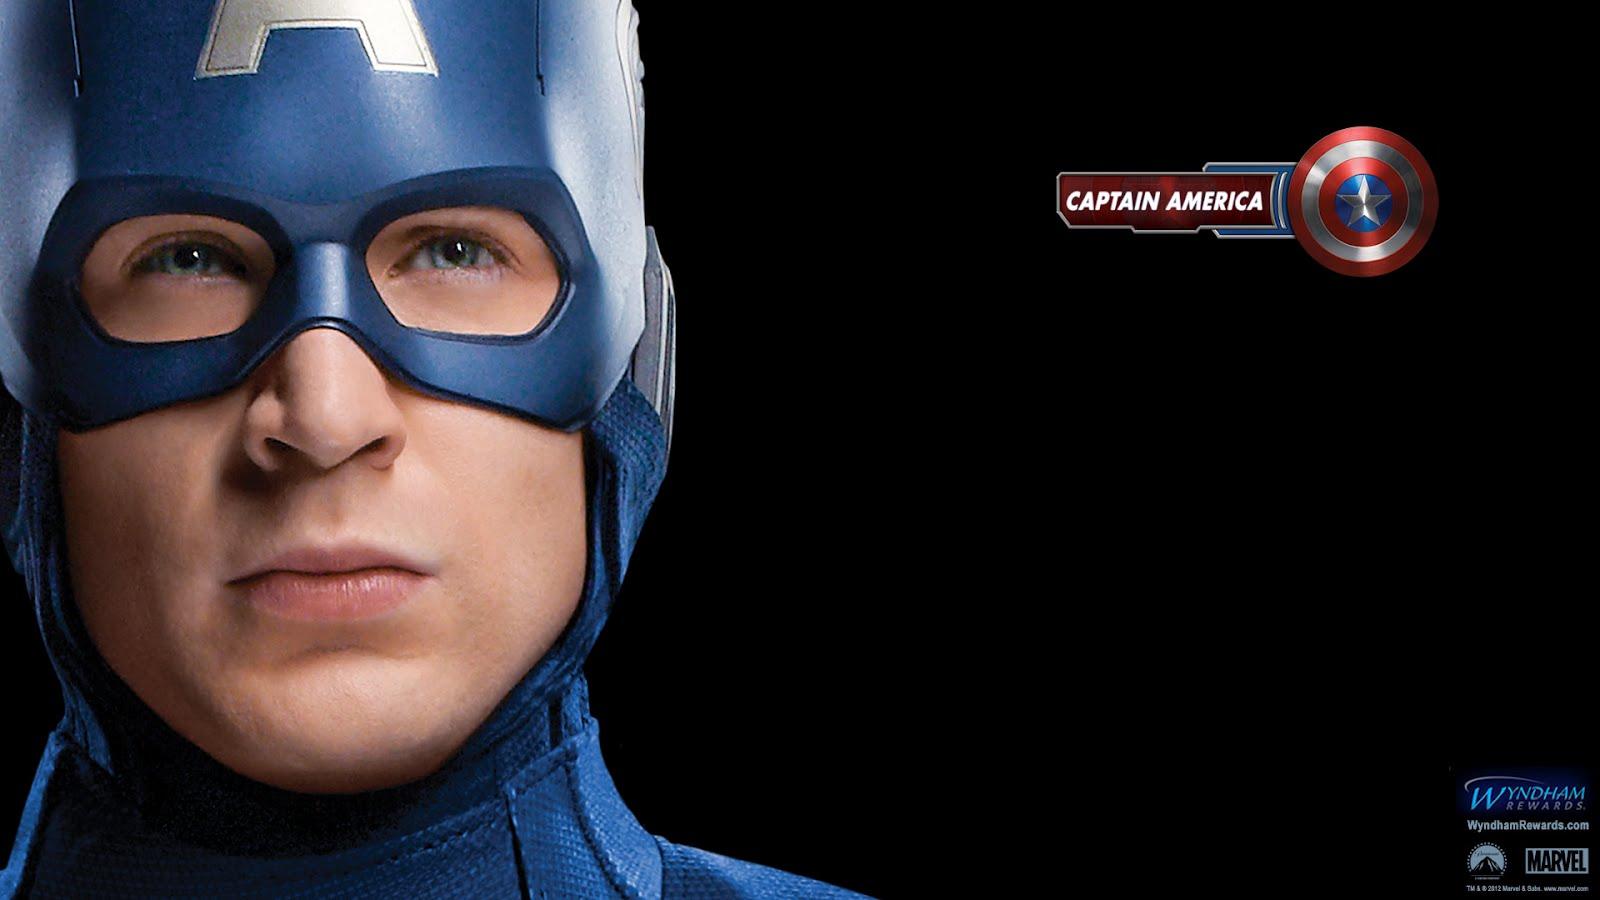 http://2.bp.blogspot.com/-VhiOc__pApw/T42aceh9b8I/AAAAAAAARRk/kRKdYvV9G5I/s1600/the-avengers-wallpaper-captain-america.jpg